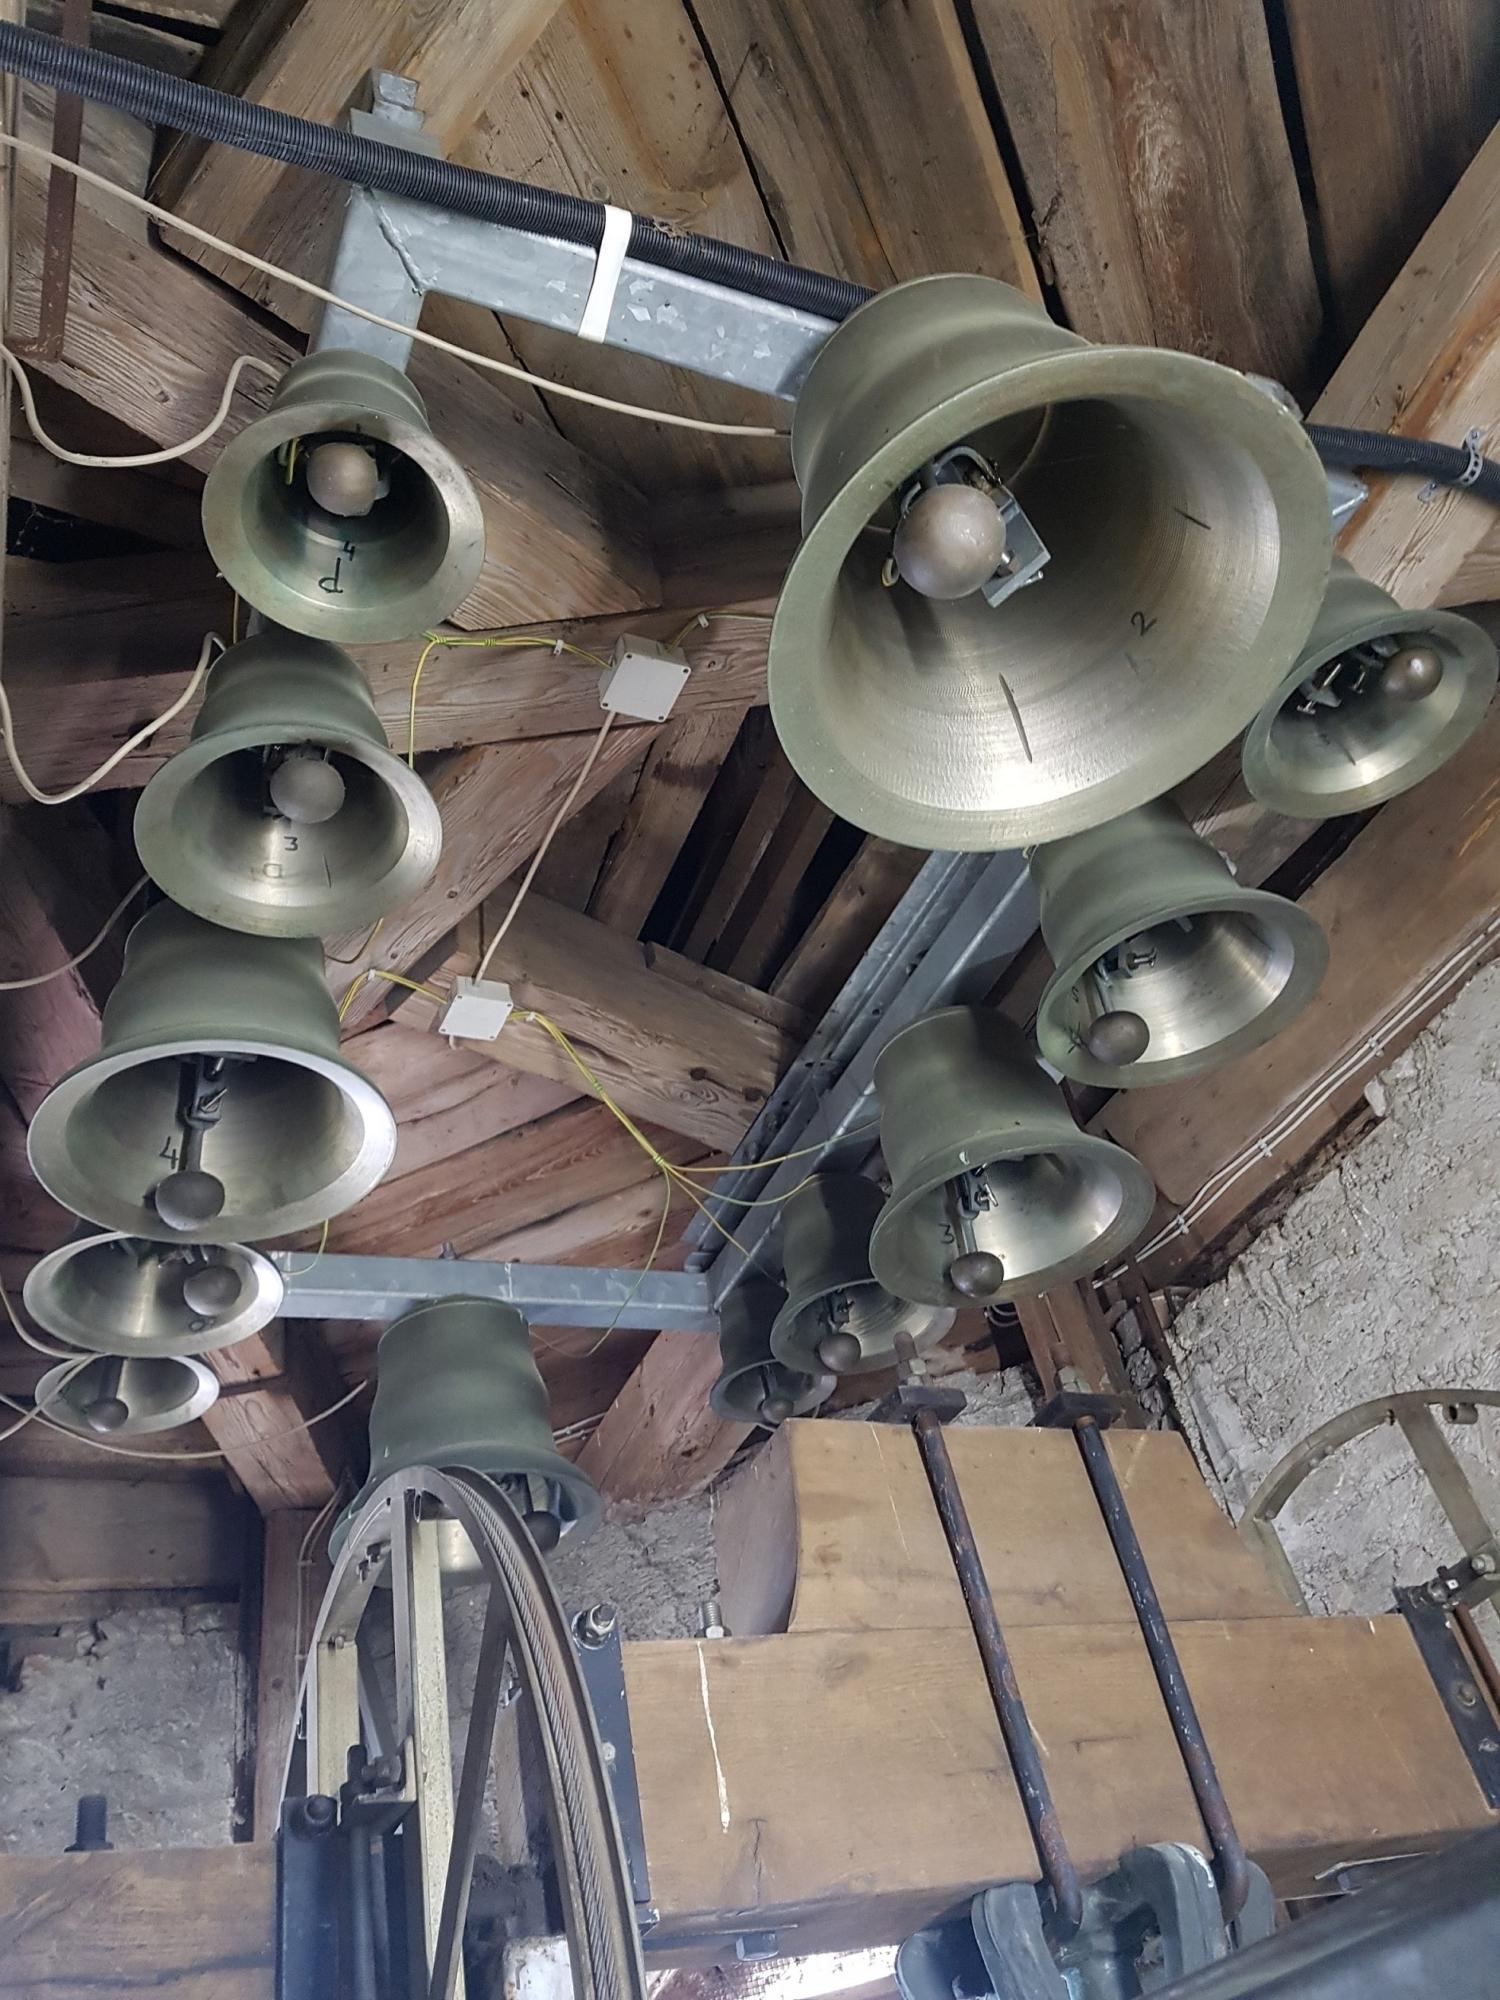 Glockenspiel strona 2